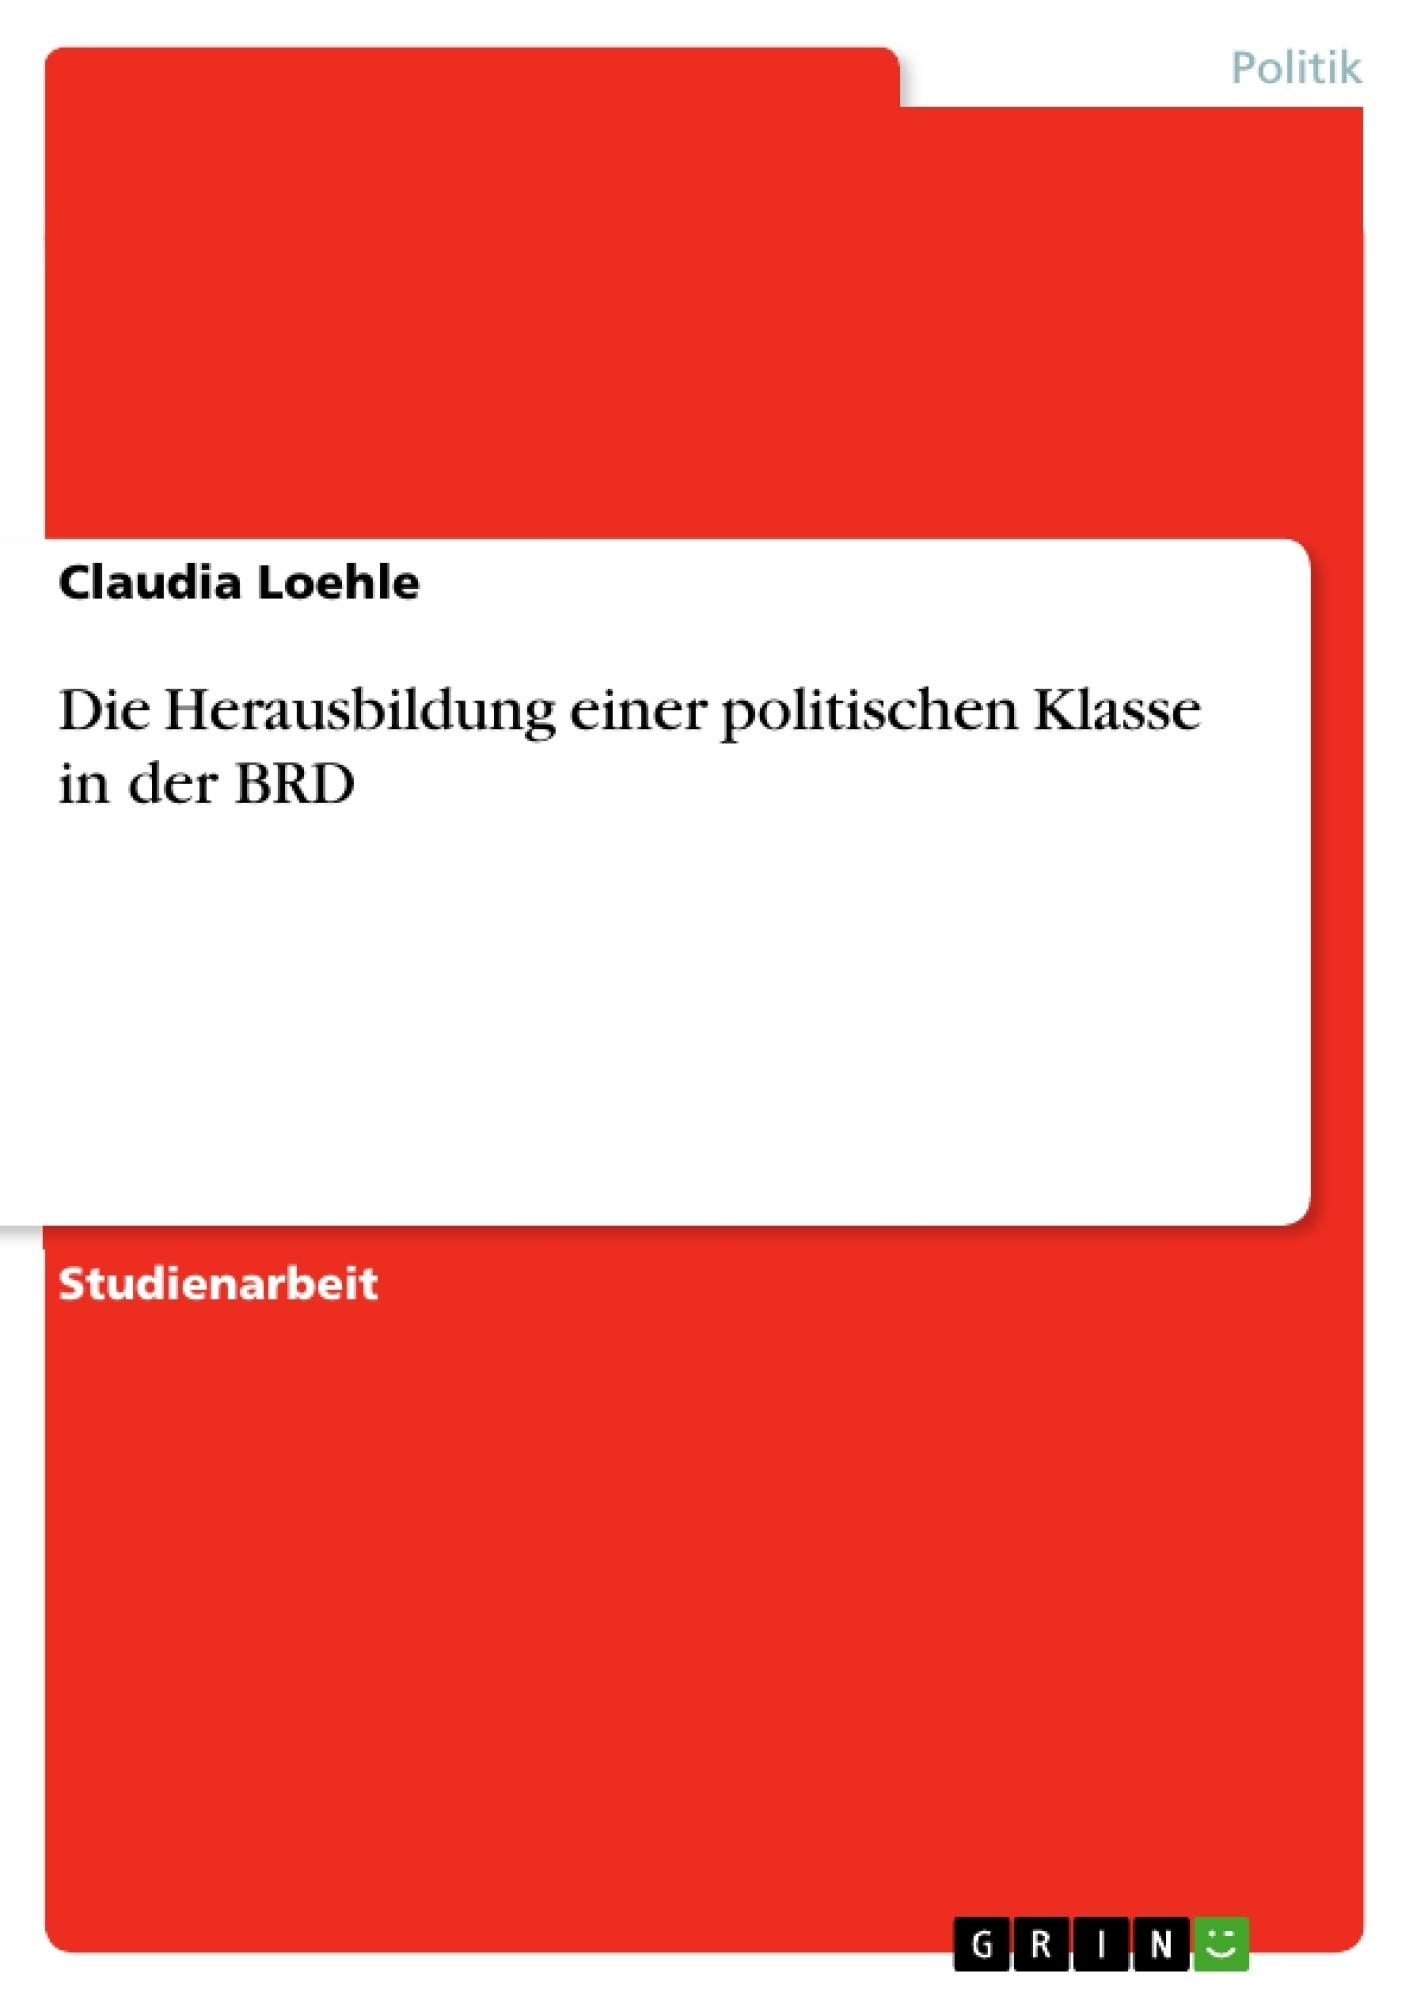 Titel: Die Herausbildung einer politischen Klasse in der BRD